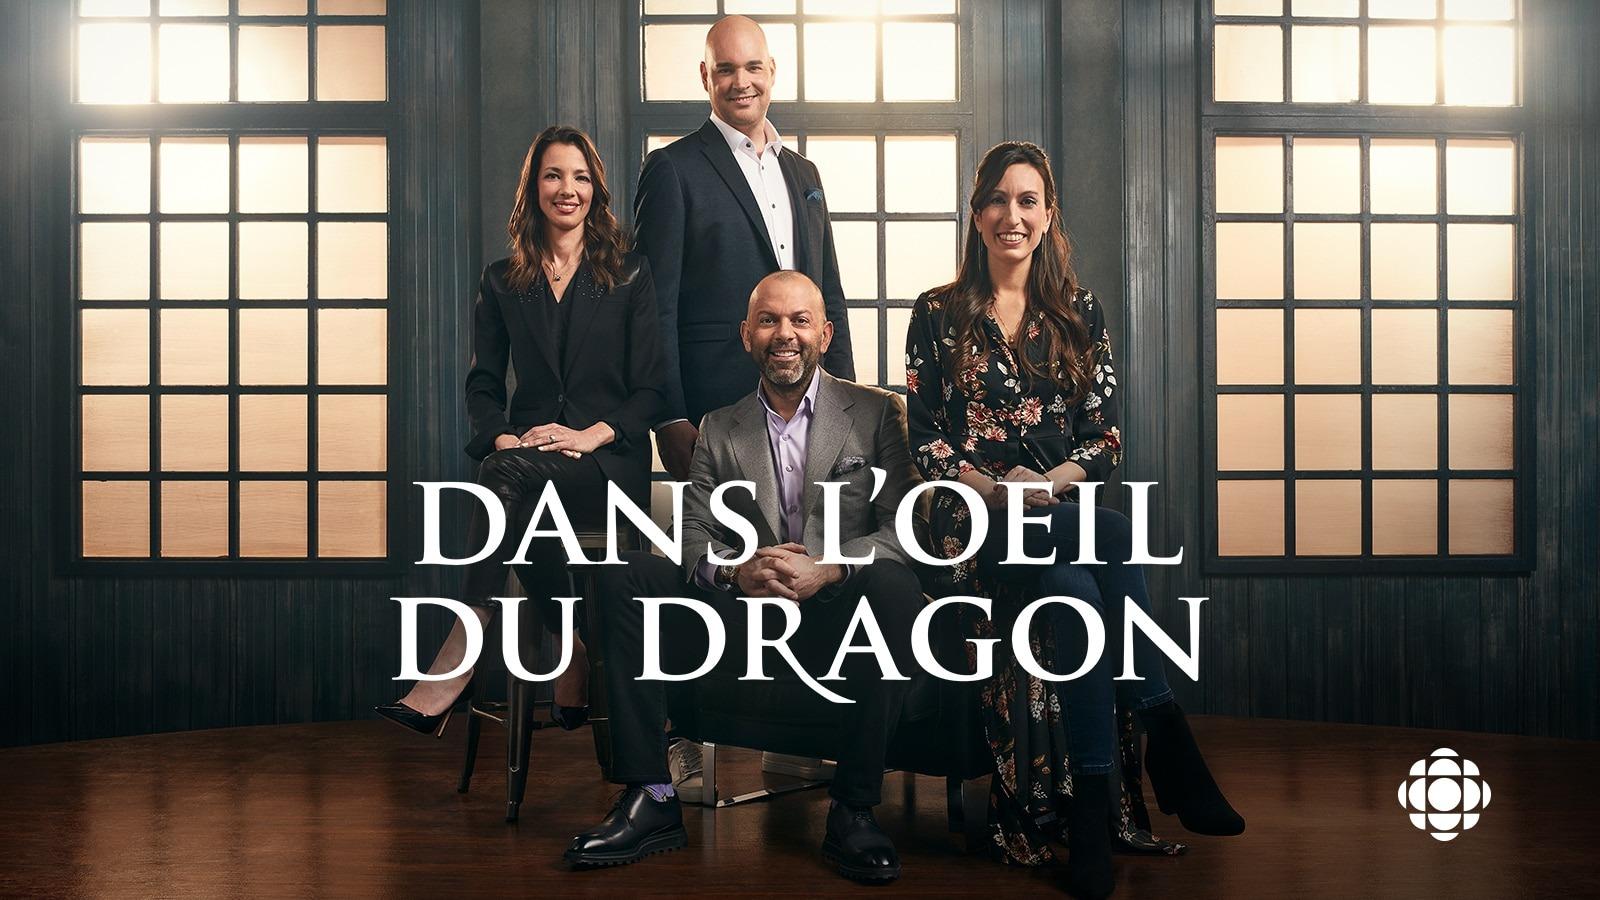 Dans l'oeil du dragon sur ICI Radio-Canada Télé